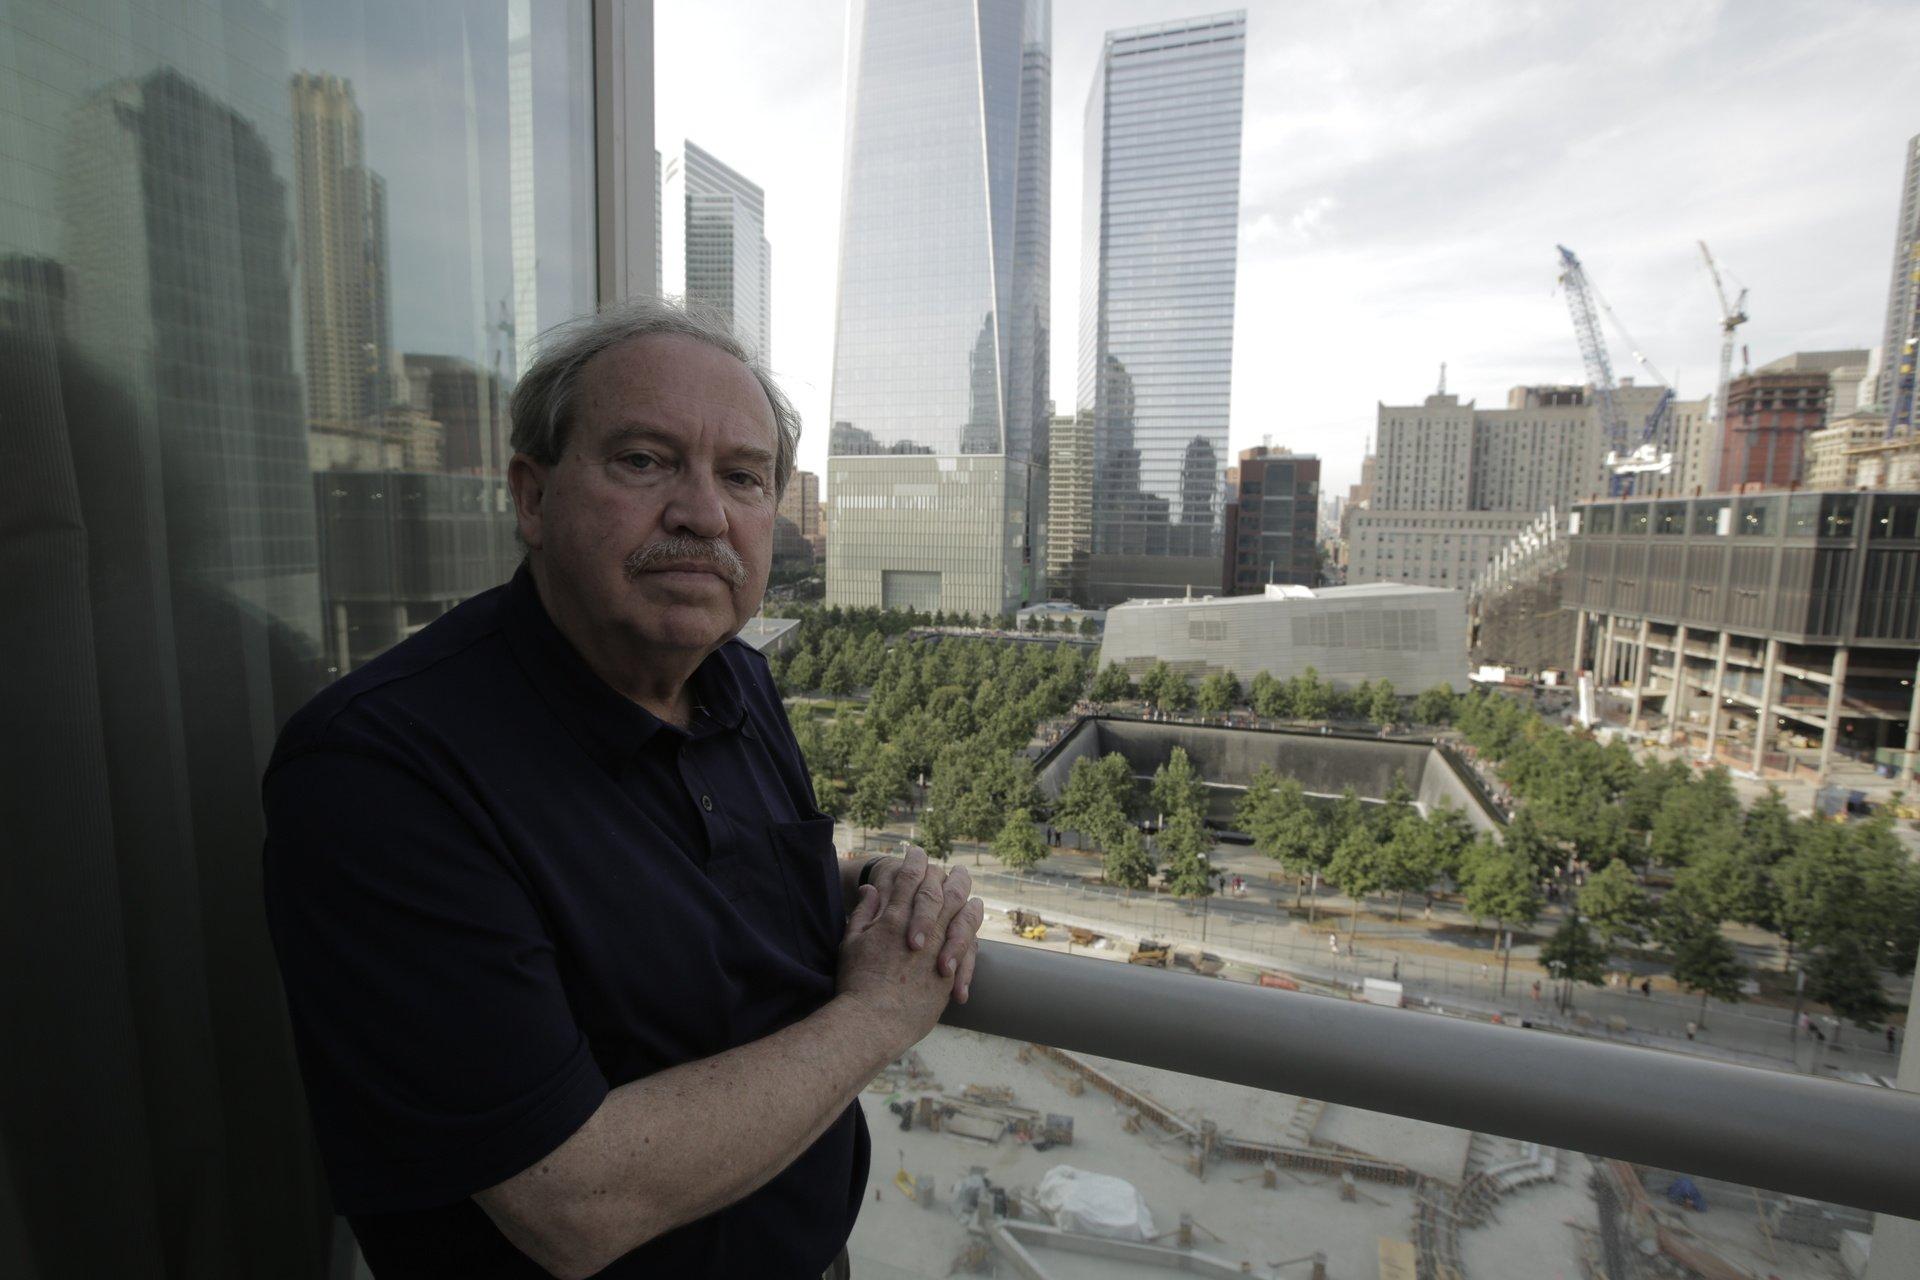 """Frank Greening, vor dem neuen Freedom Tower in New York, ist einer der Experten, die in dieser Doku zum 11. September 2001 zu Wort kommen.  """"Der 11. September 2001 - Verschwörung auf dem Prüfstand"""": Frank Greening, vor dem neuen Freedom Tower in New York. Rechtehinweis: © ZDF und Renny Bartlett"""